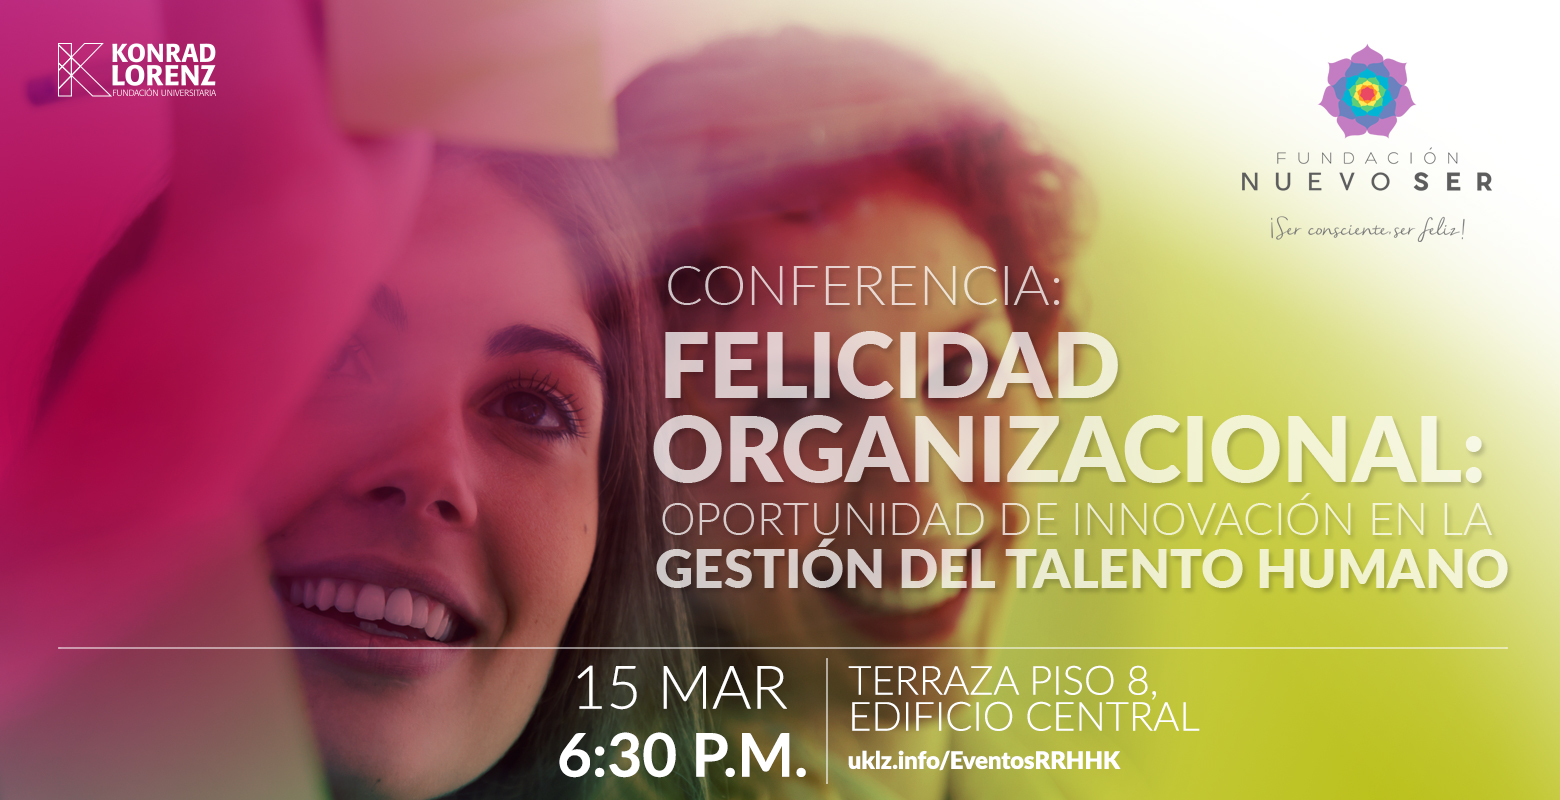 """Conferencia """"Felicidad Organizacional: Oportunidad de innovación en la Gestión del Talento Humano"""""""